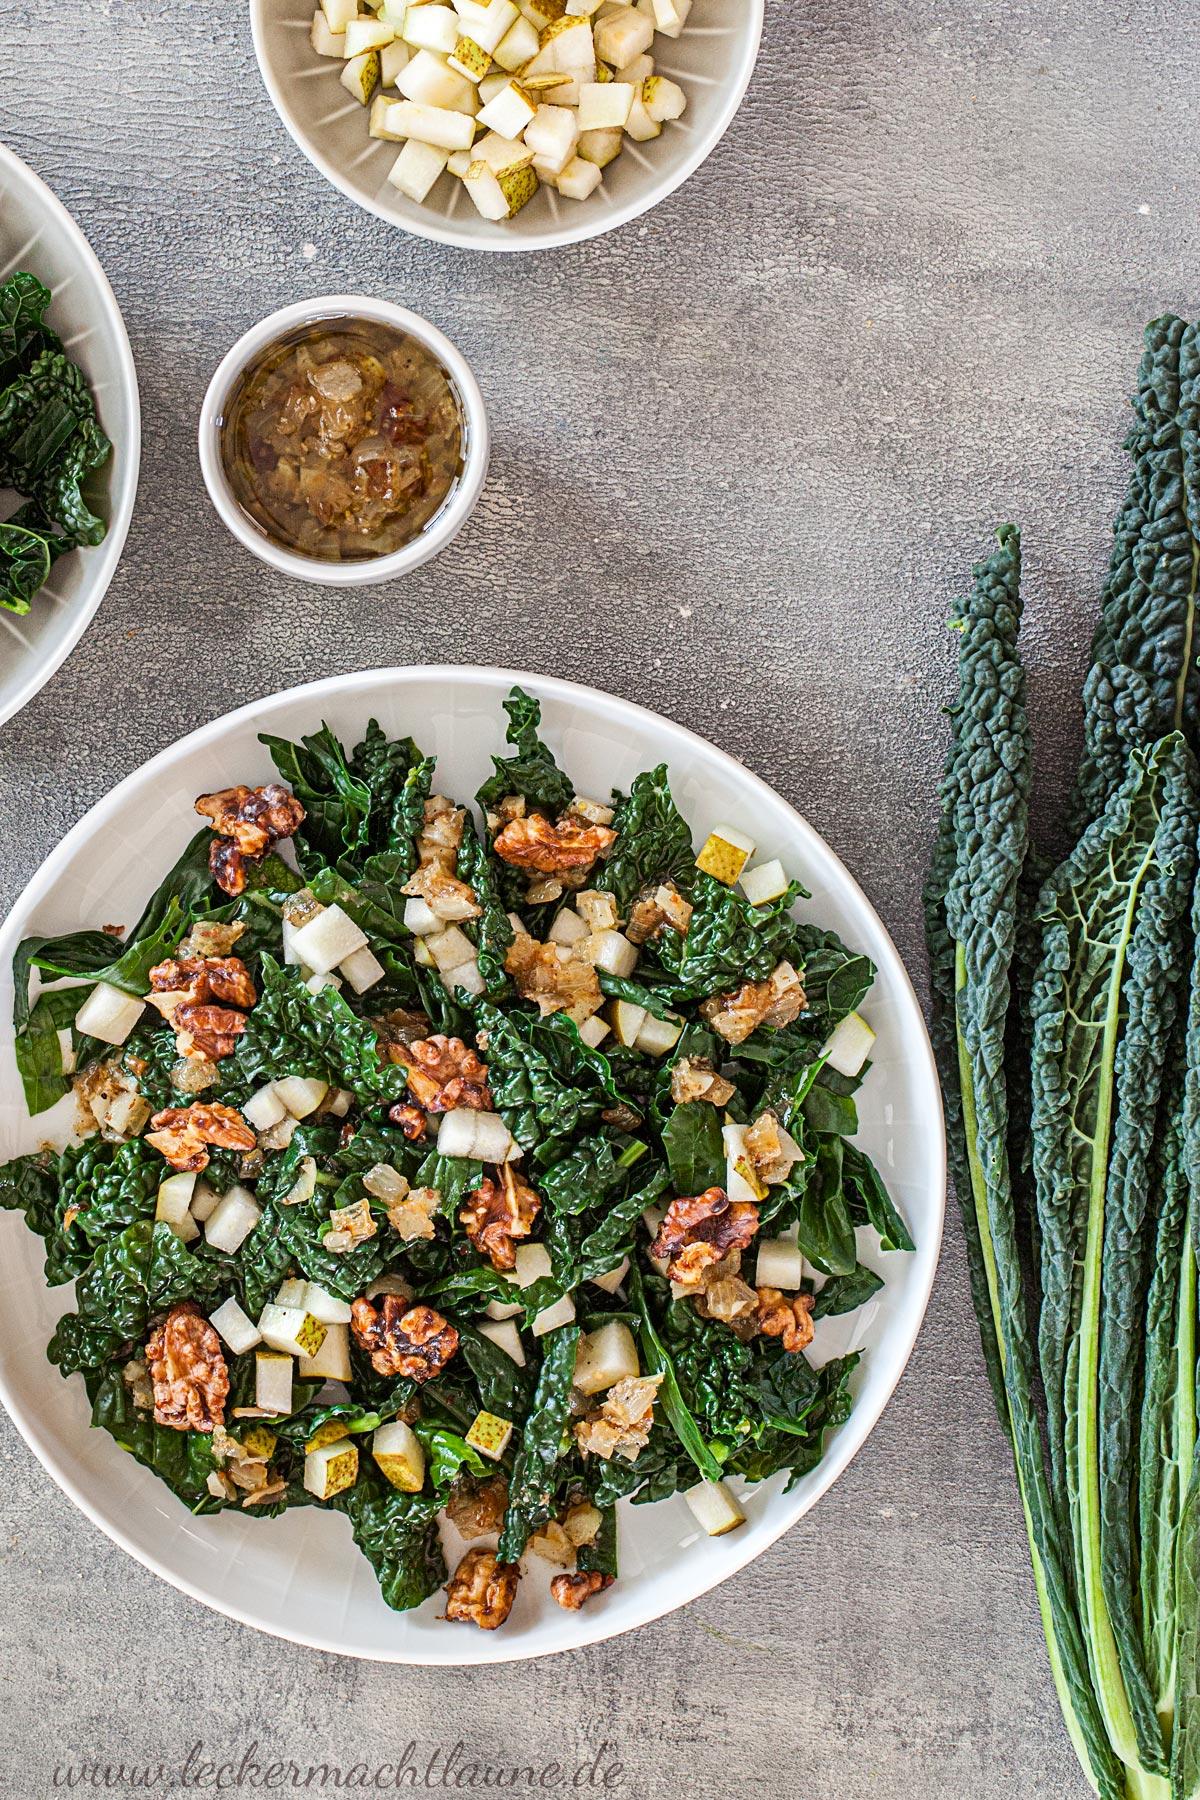 Schwarzkohl-Salat mit karamellisierten Walnüssen   lecker macht laune